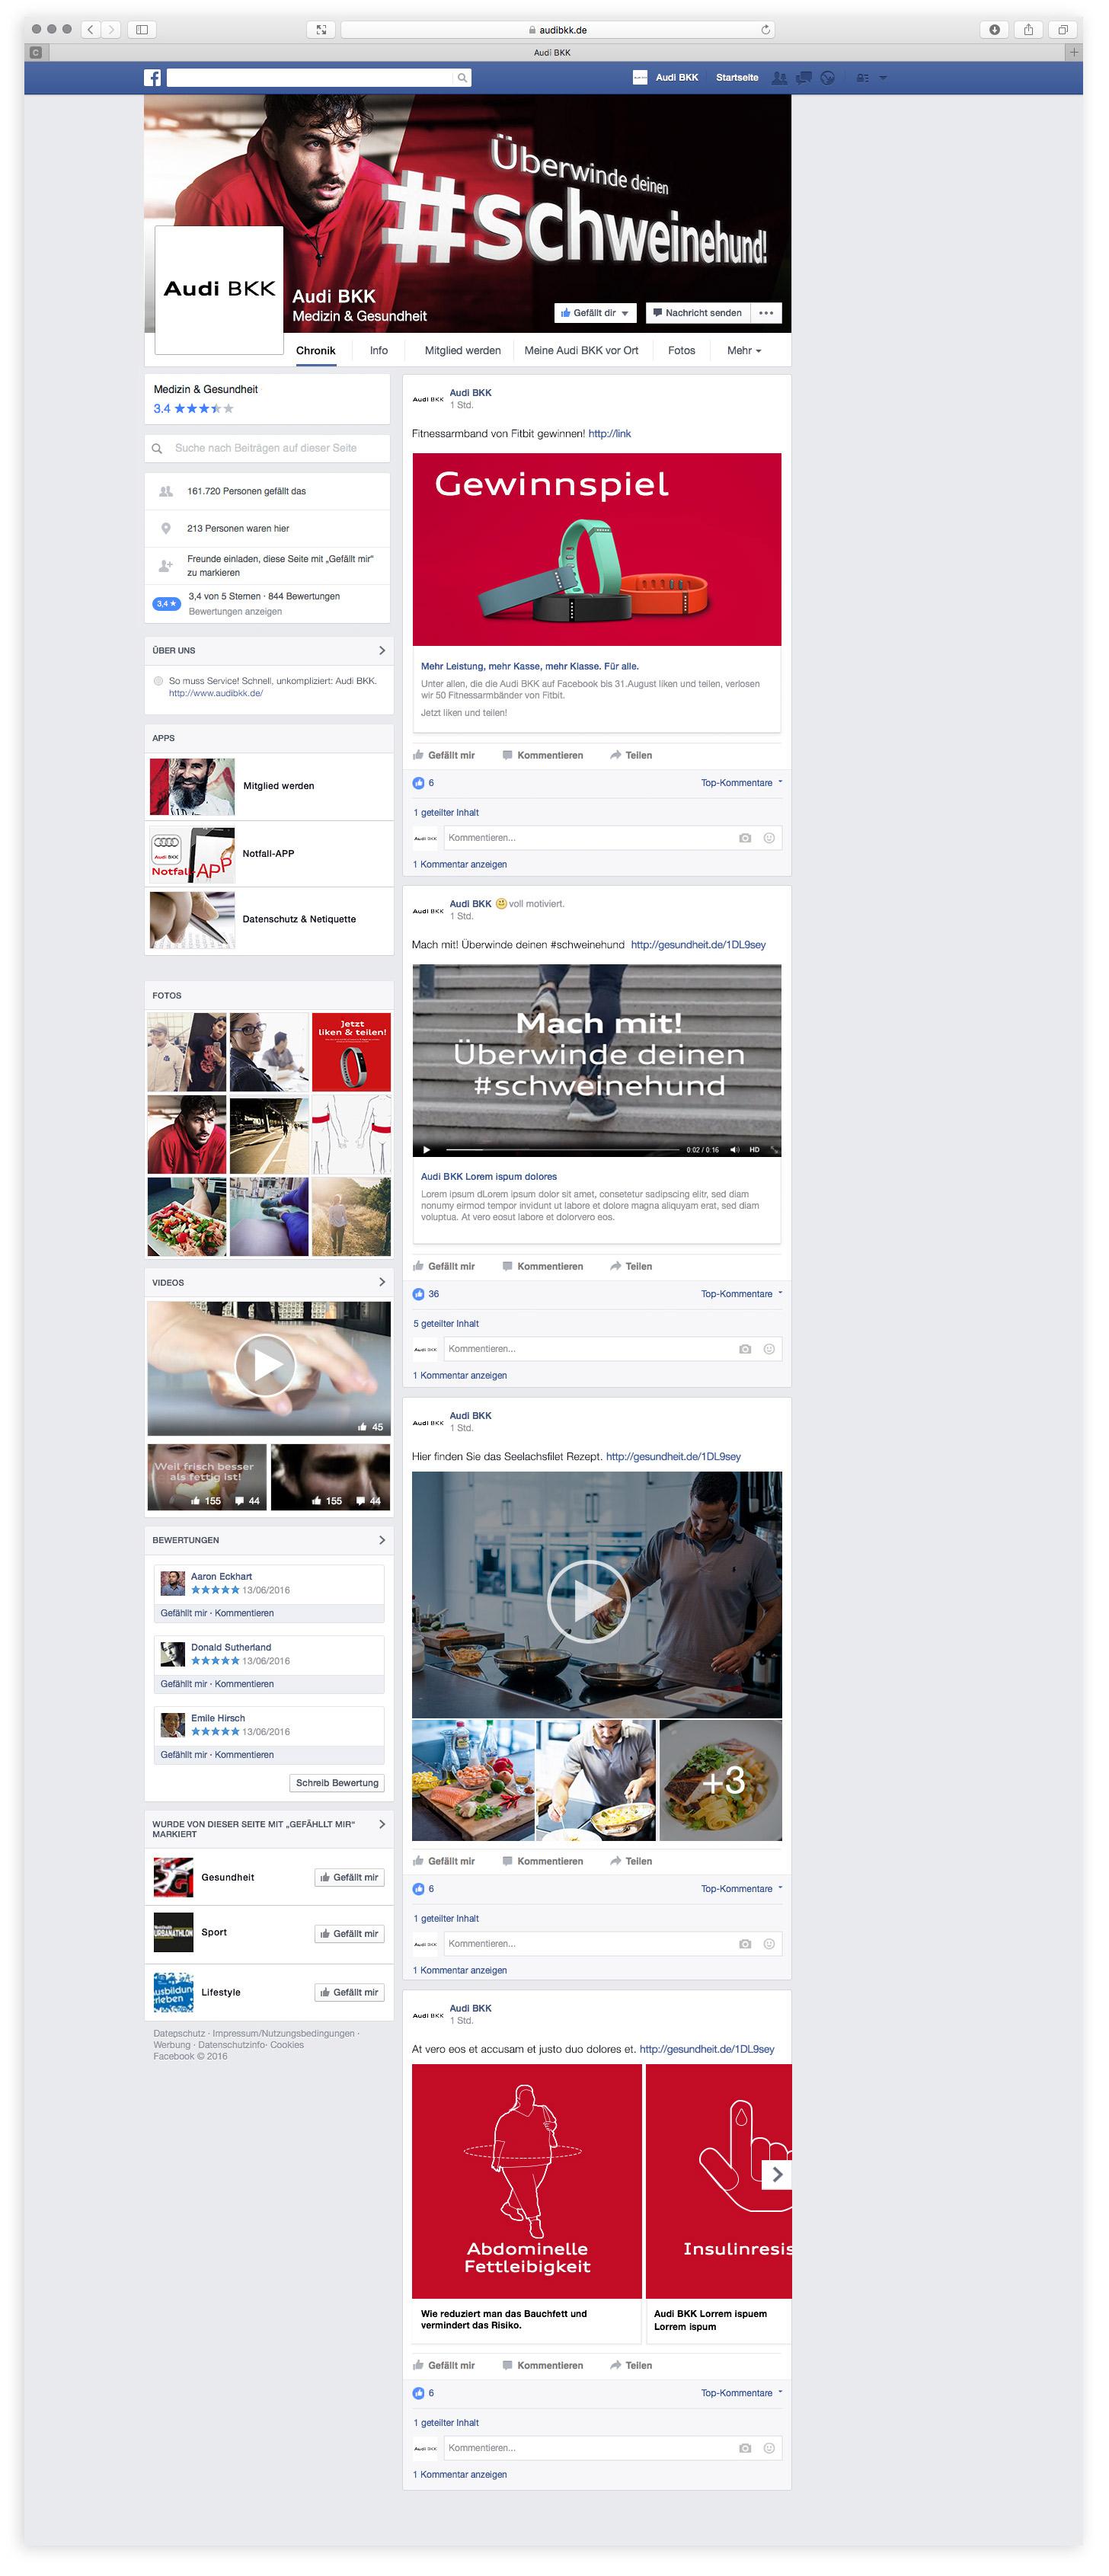 audi_bkk_facebook_startseite